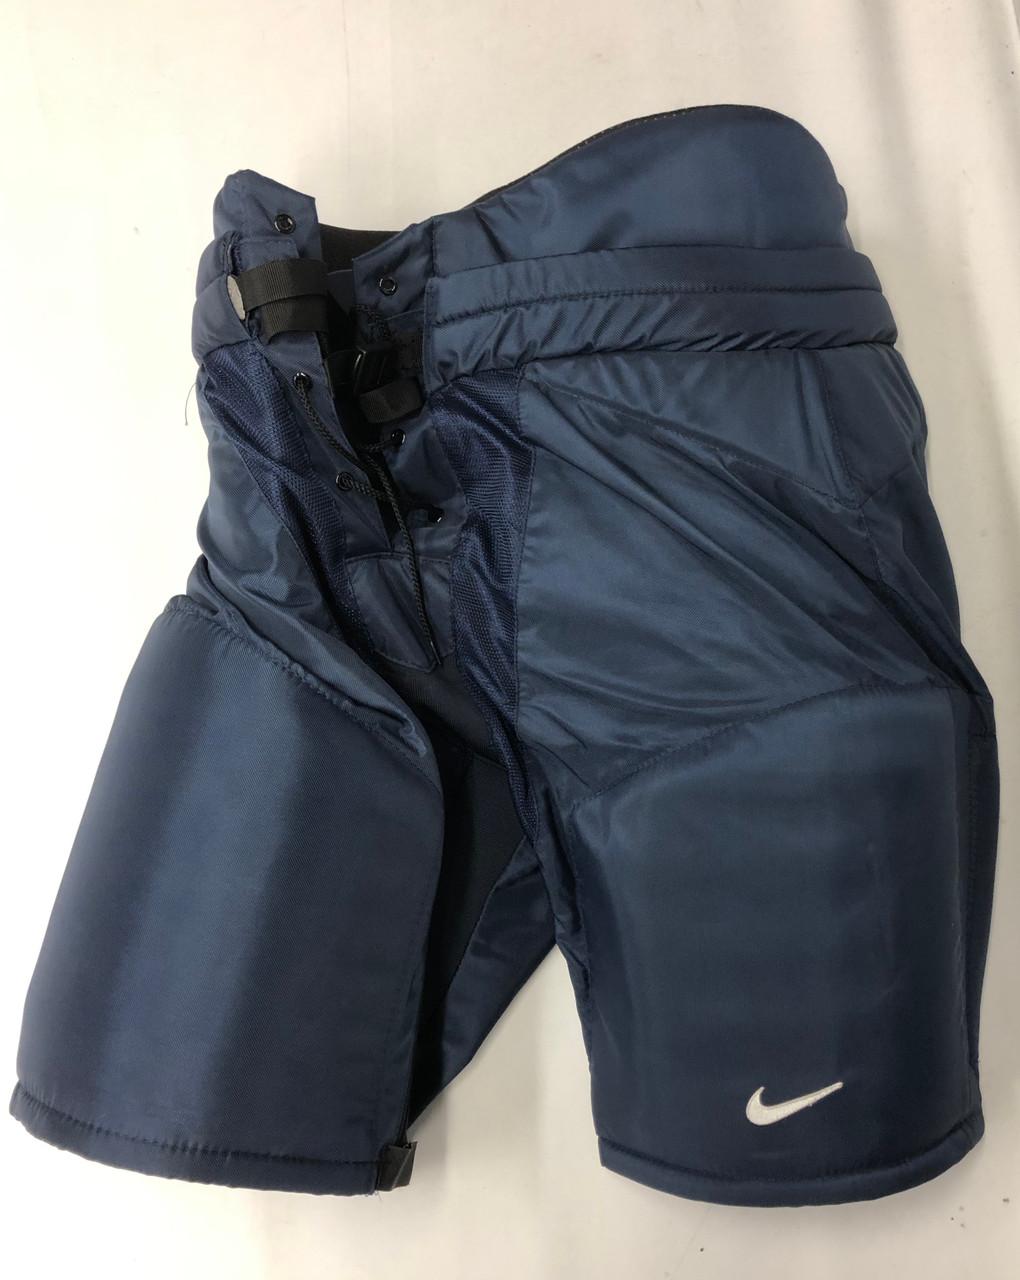 Nike Custom Pro Stock Hockey Pants Large +1